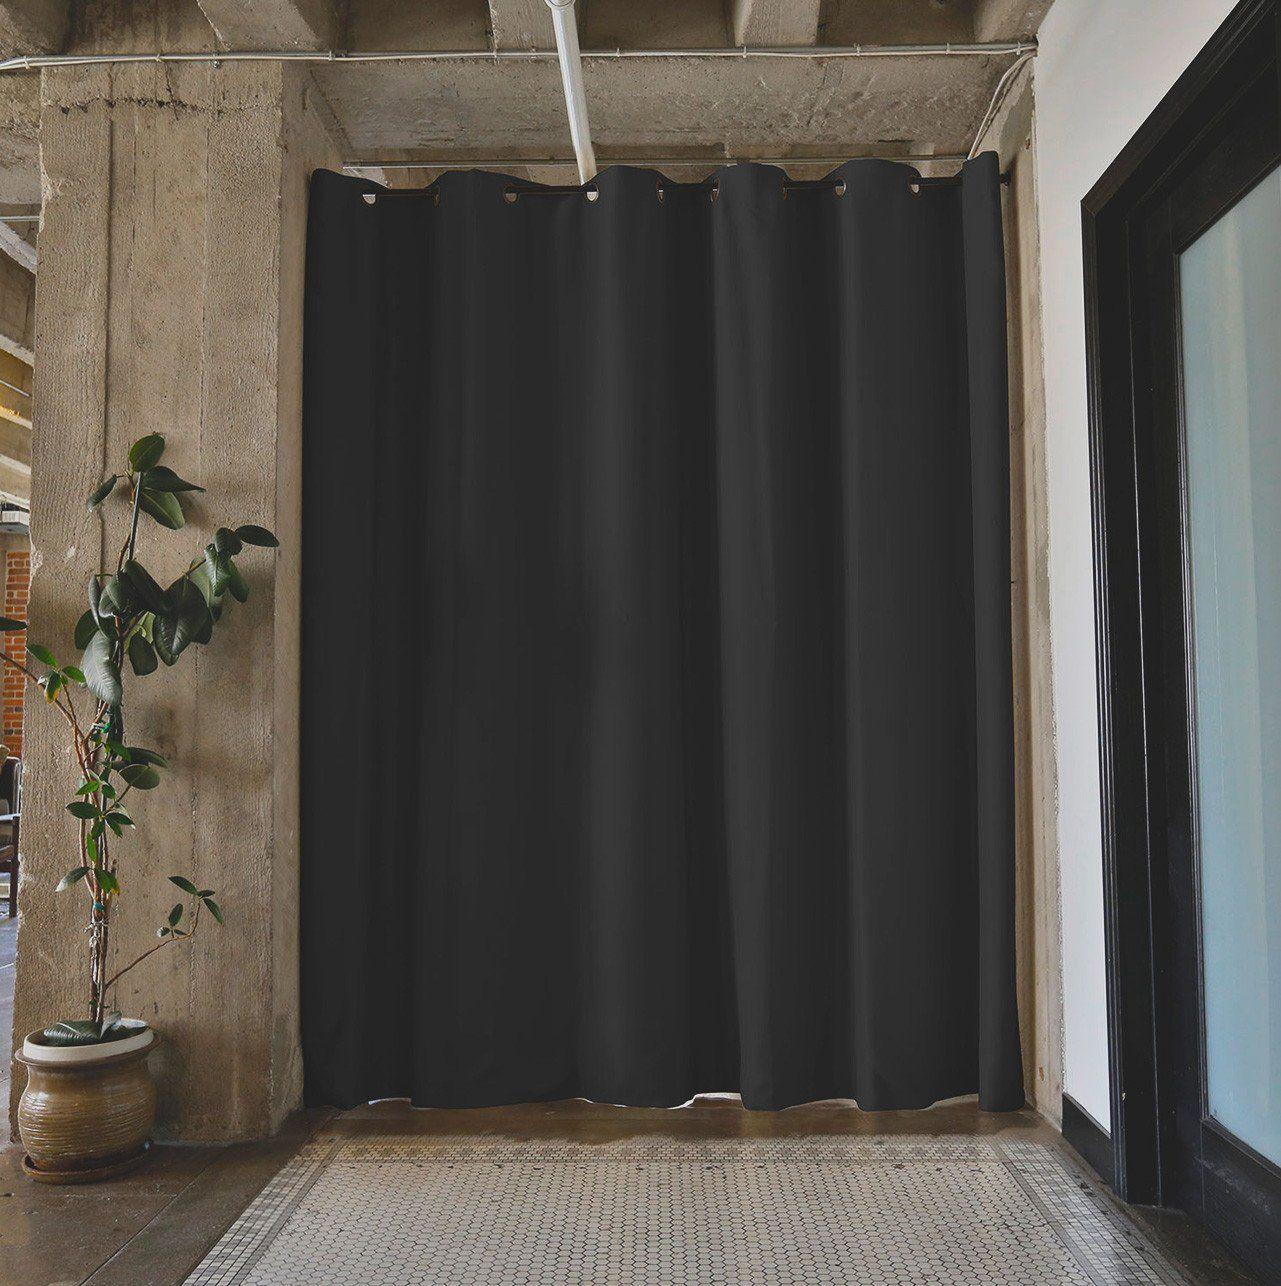 Tension Rod Room Divider Kits Room Divider Curtain Curtains